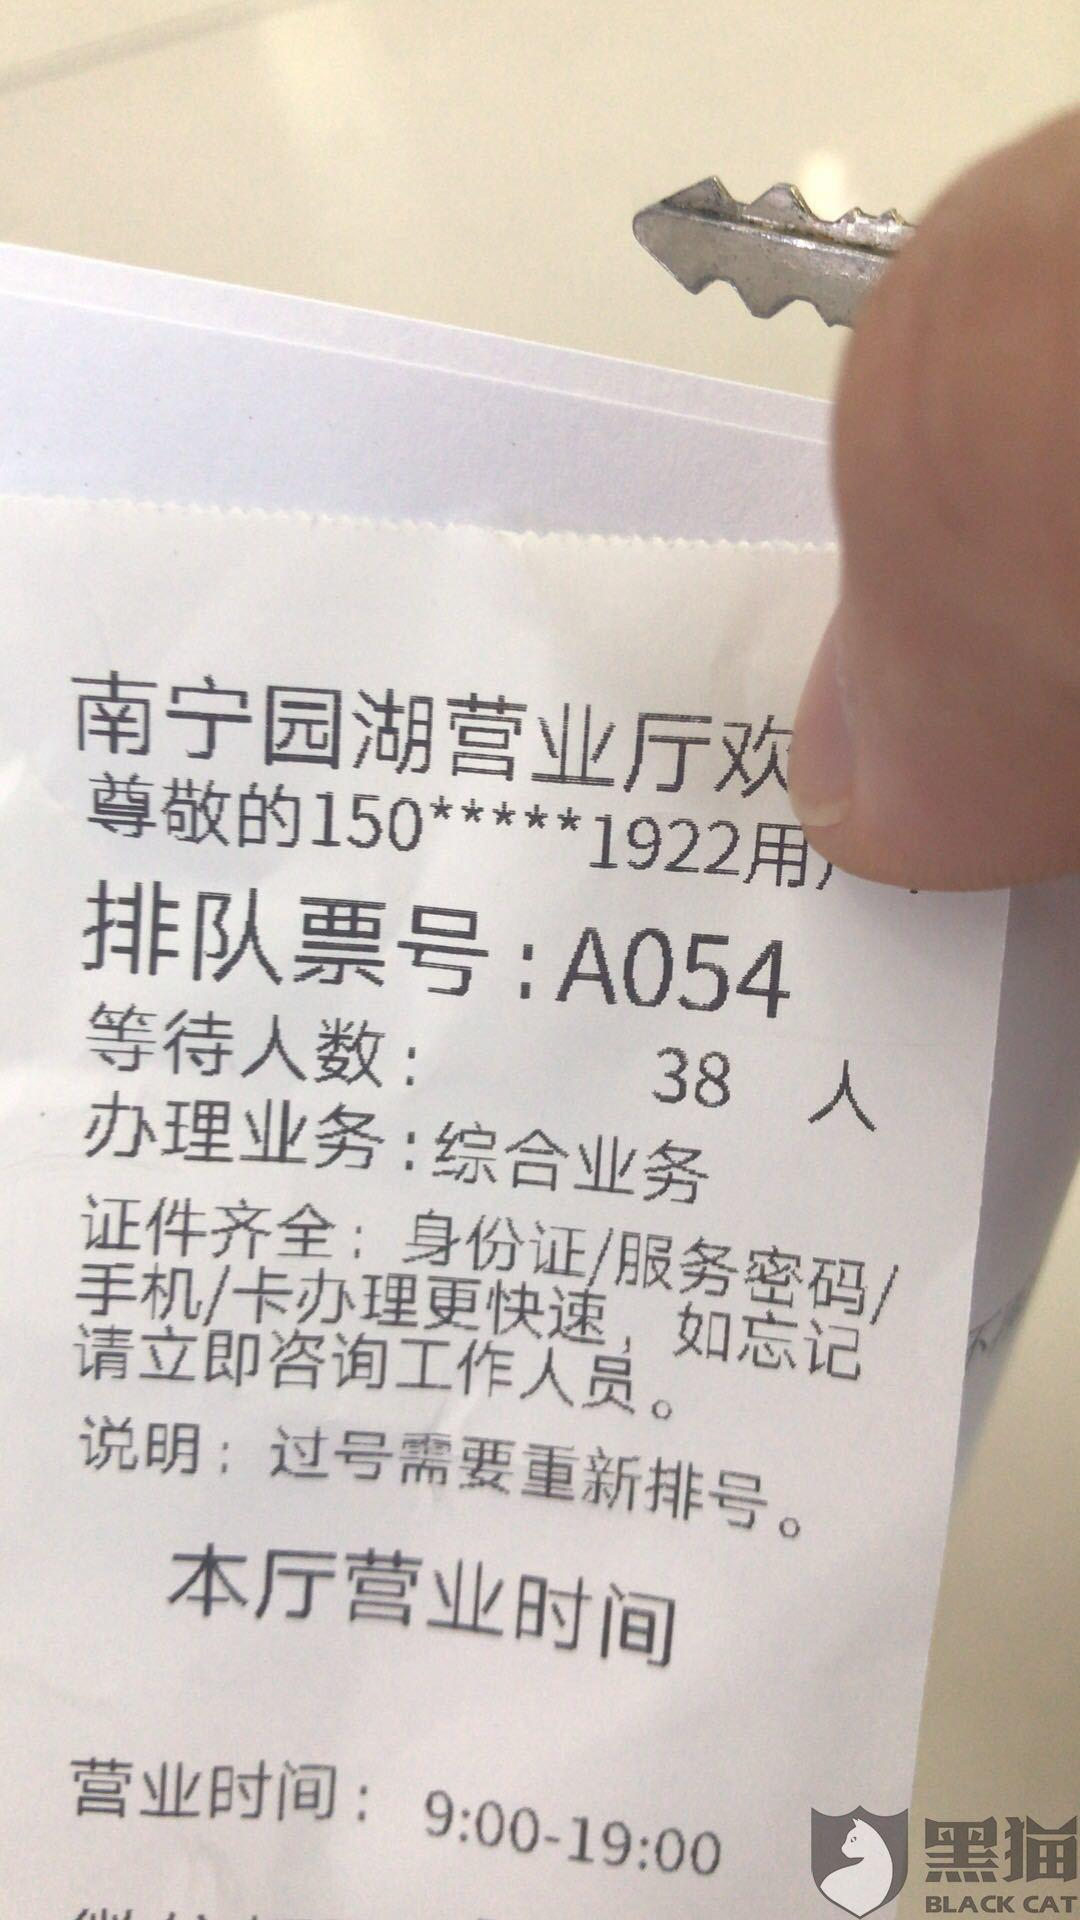 黑猫投诉:中国移动关于被标记电话直接停机问题